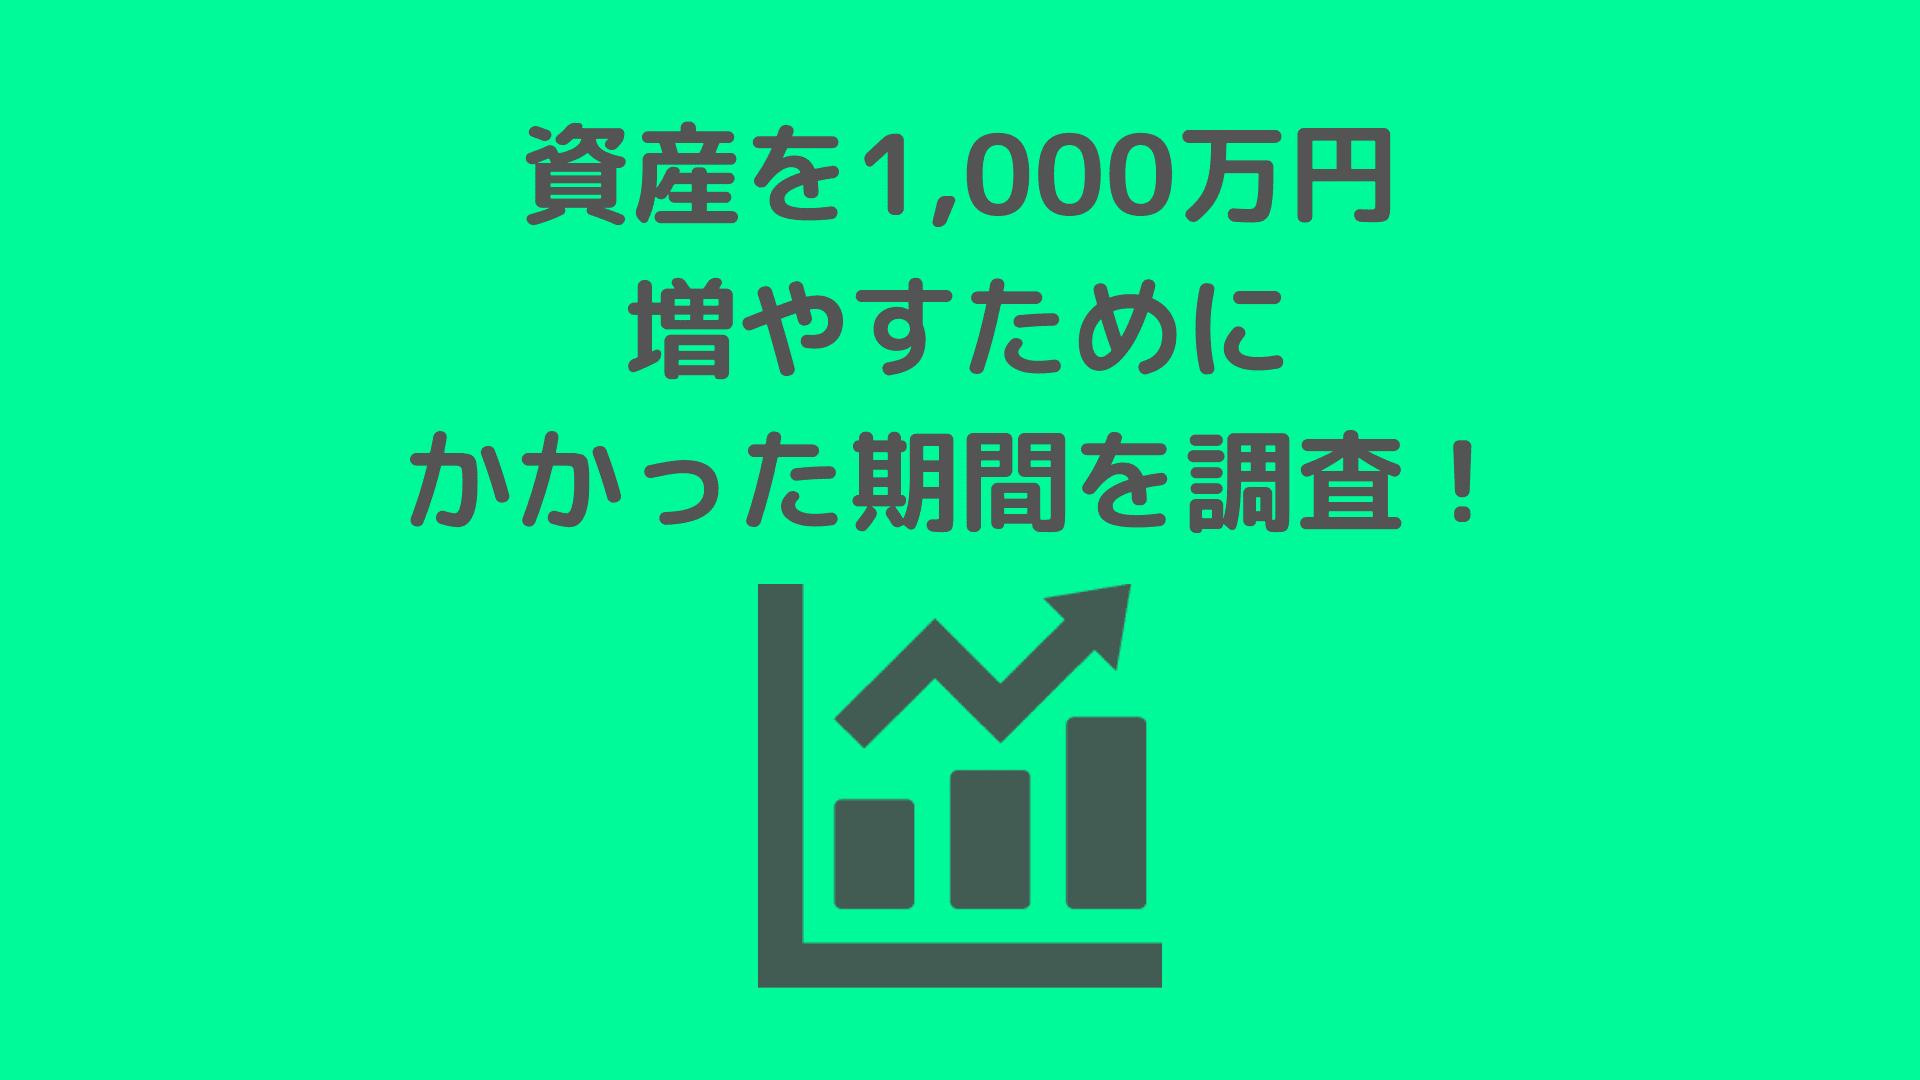 資産を1,000万円増やすためにかかった期間を調査!